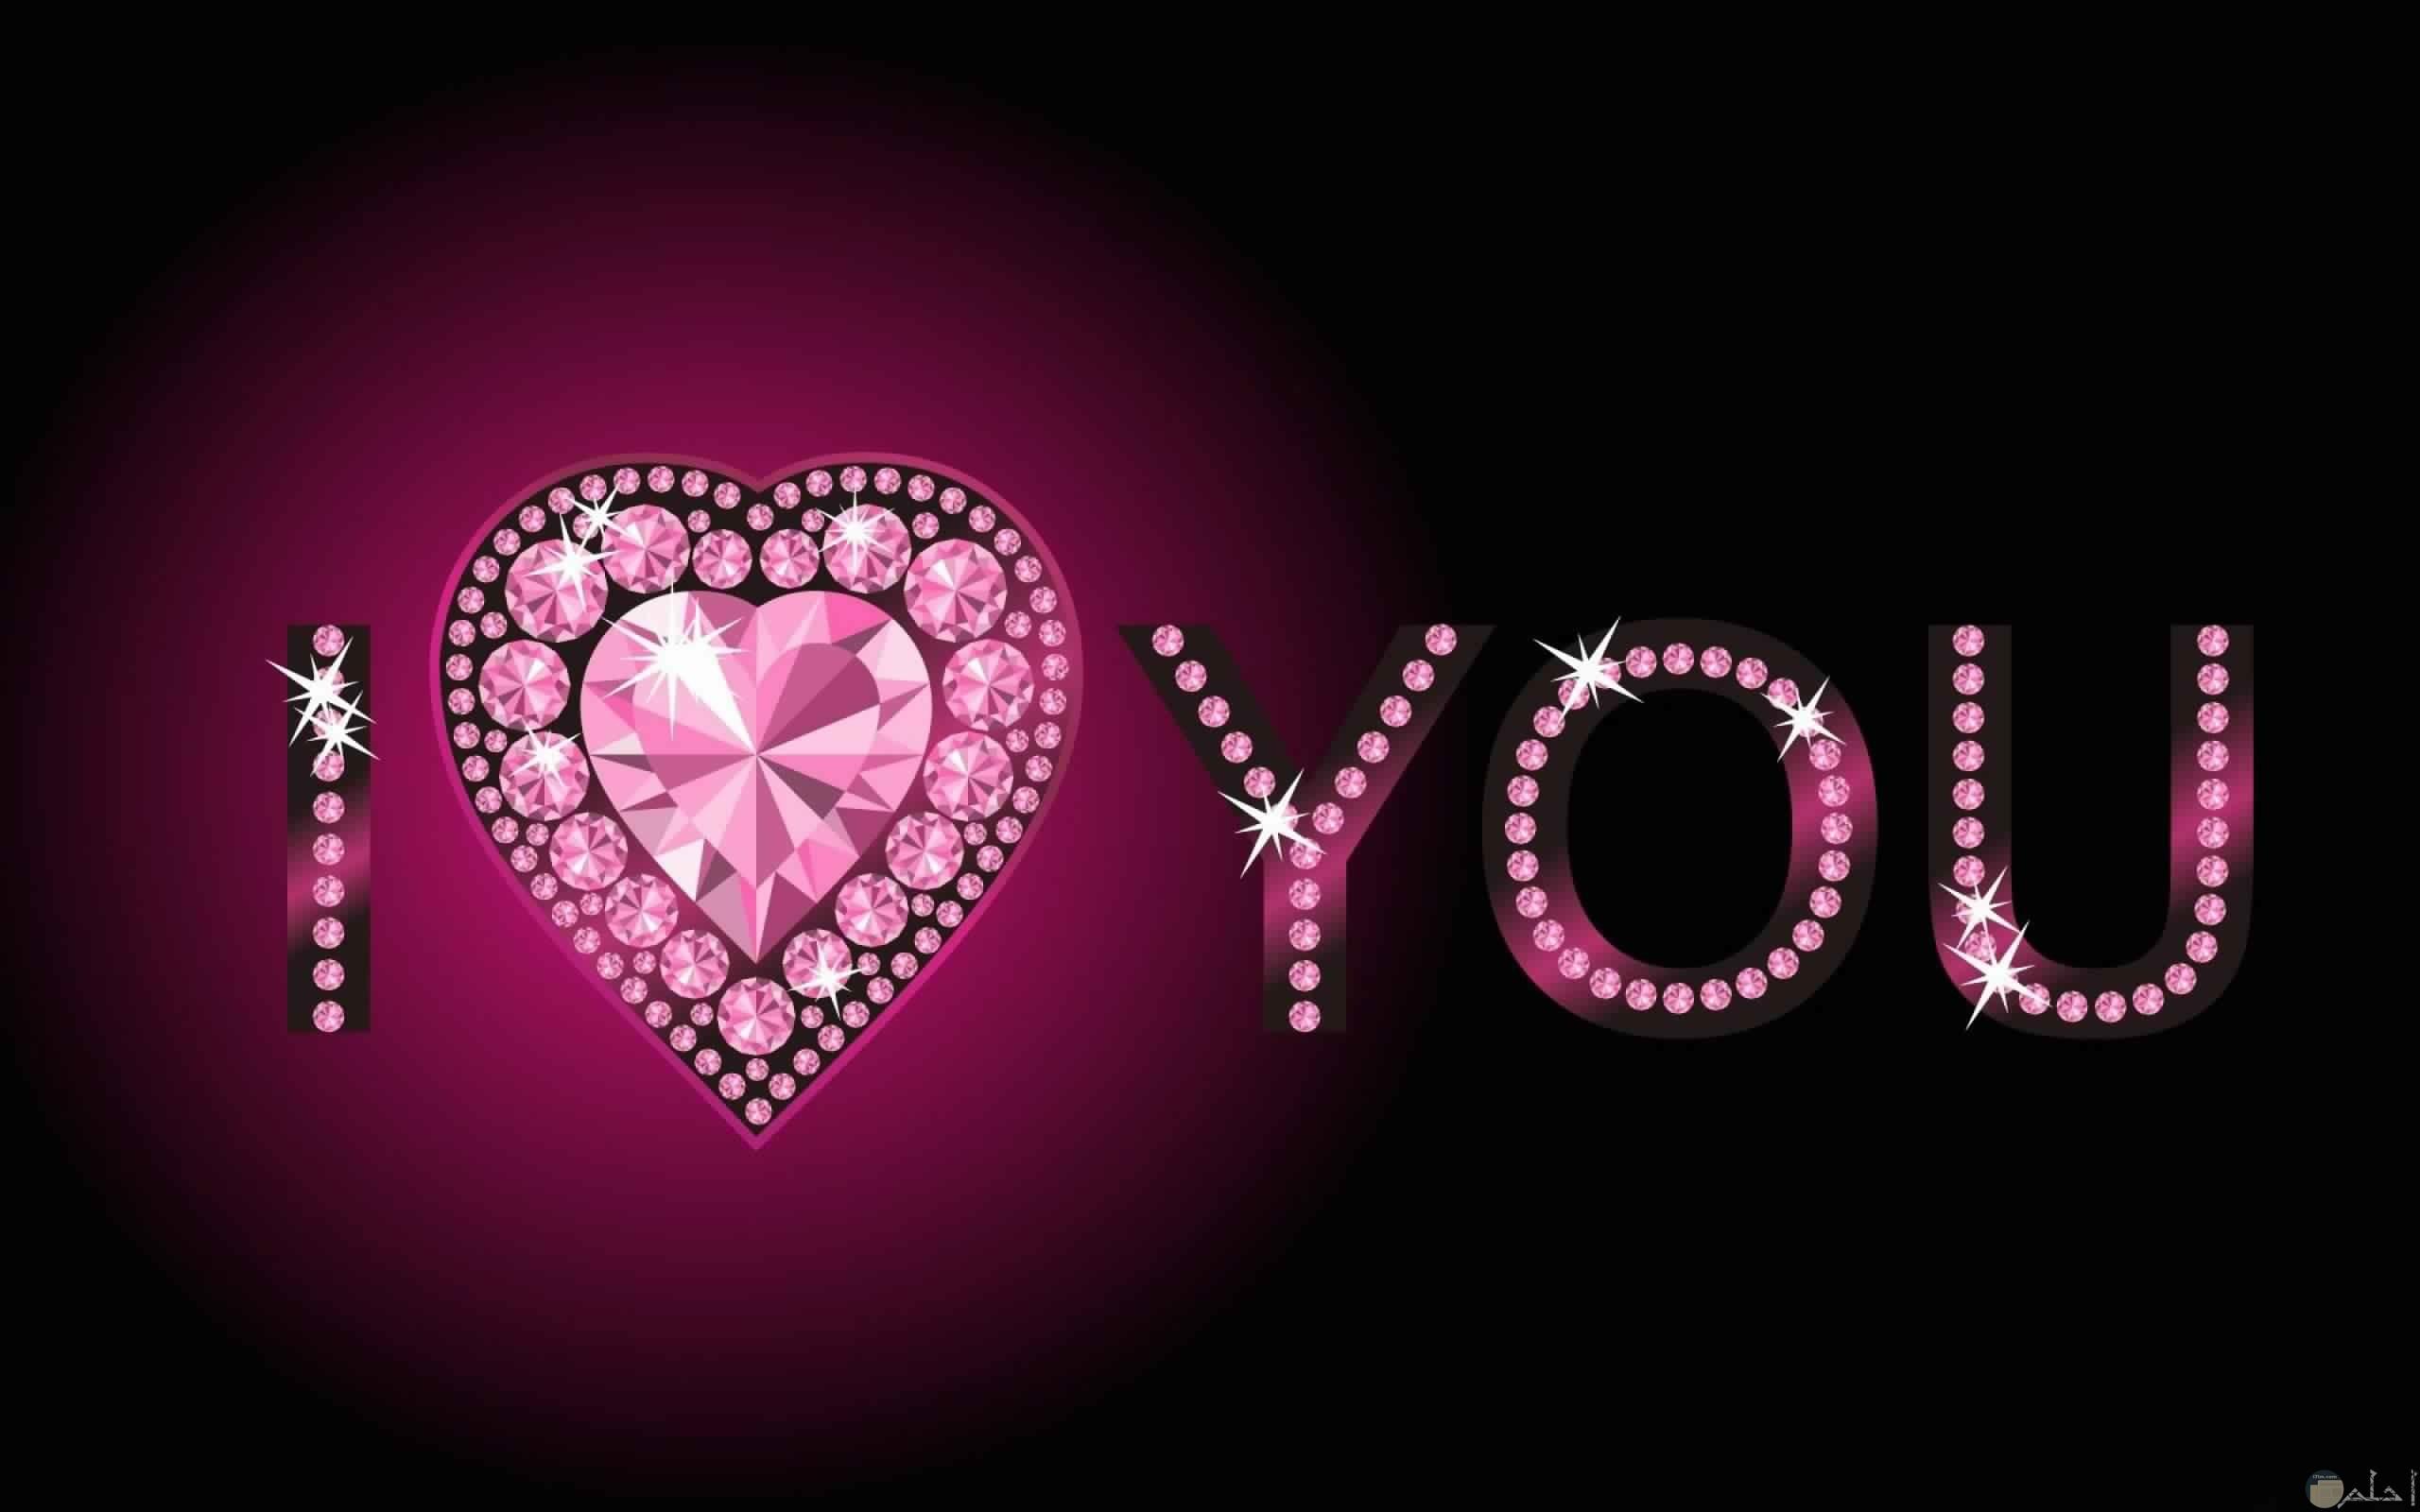 خلفيات احبك وقلب رائع